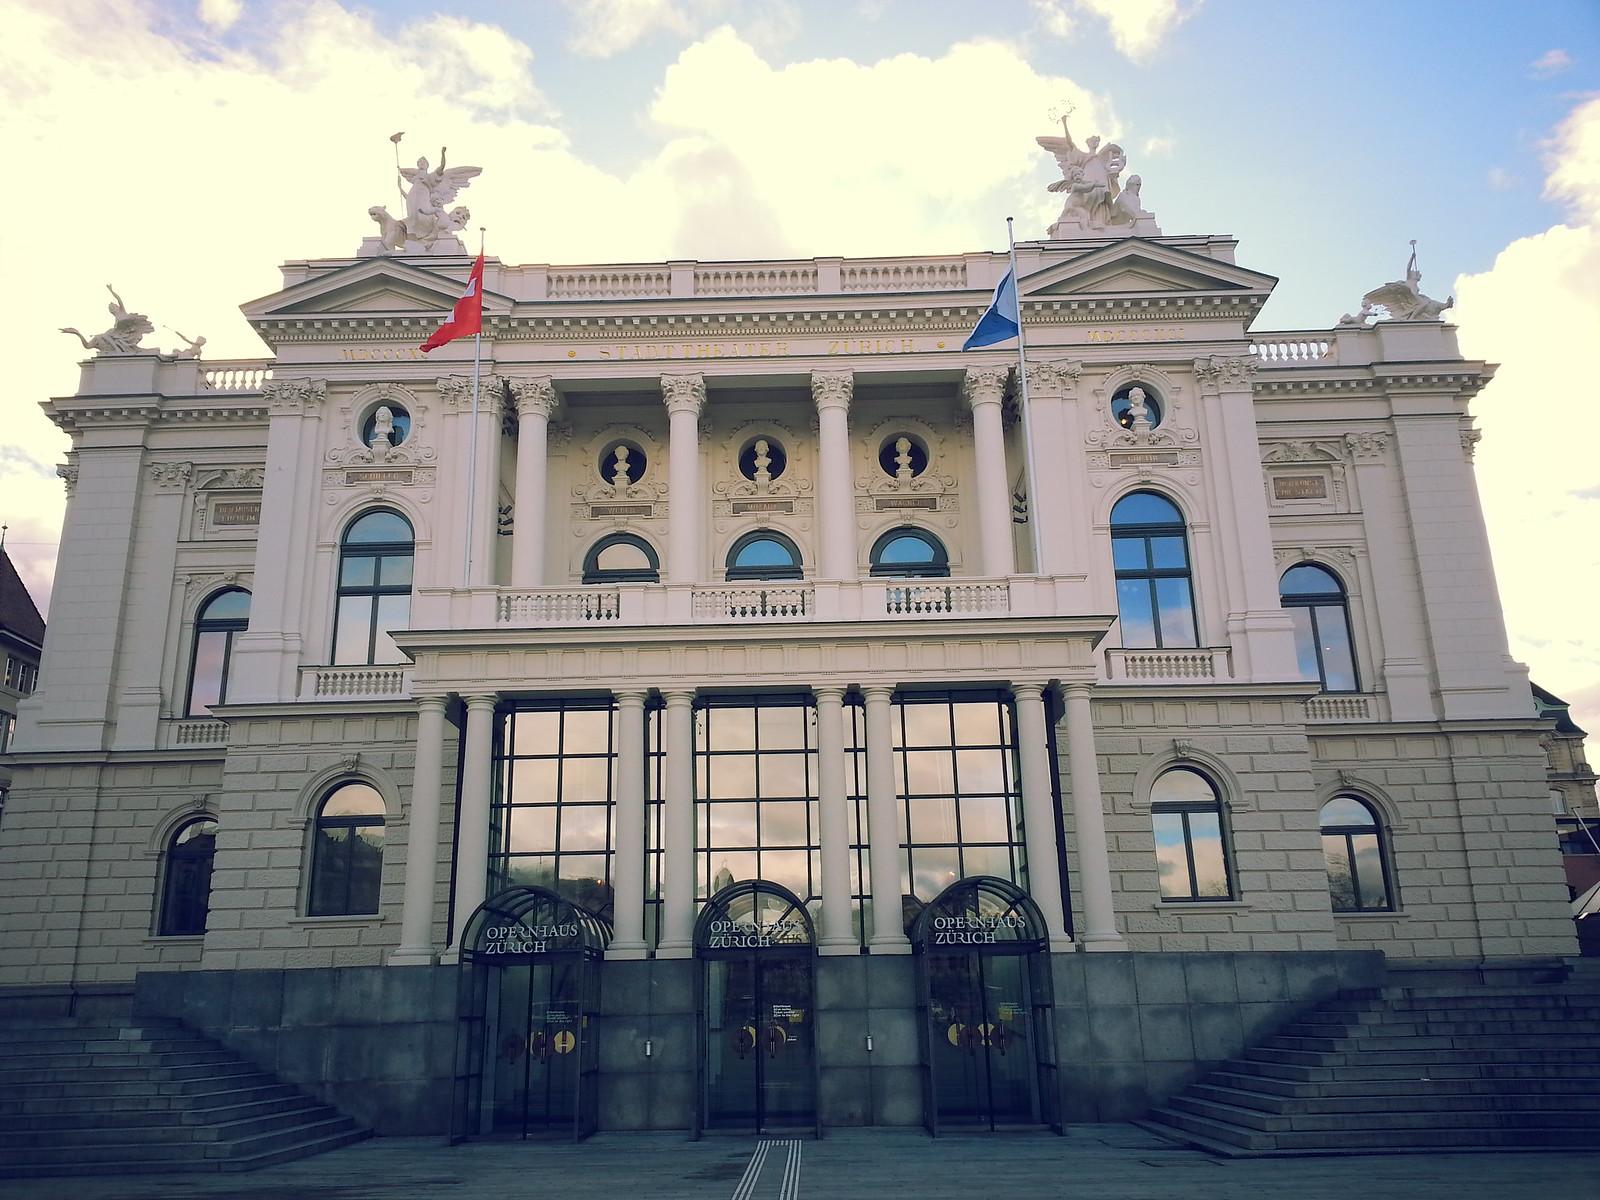 16-02-01 (Zurich) Opera House.